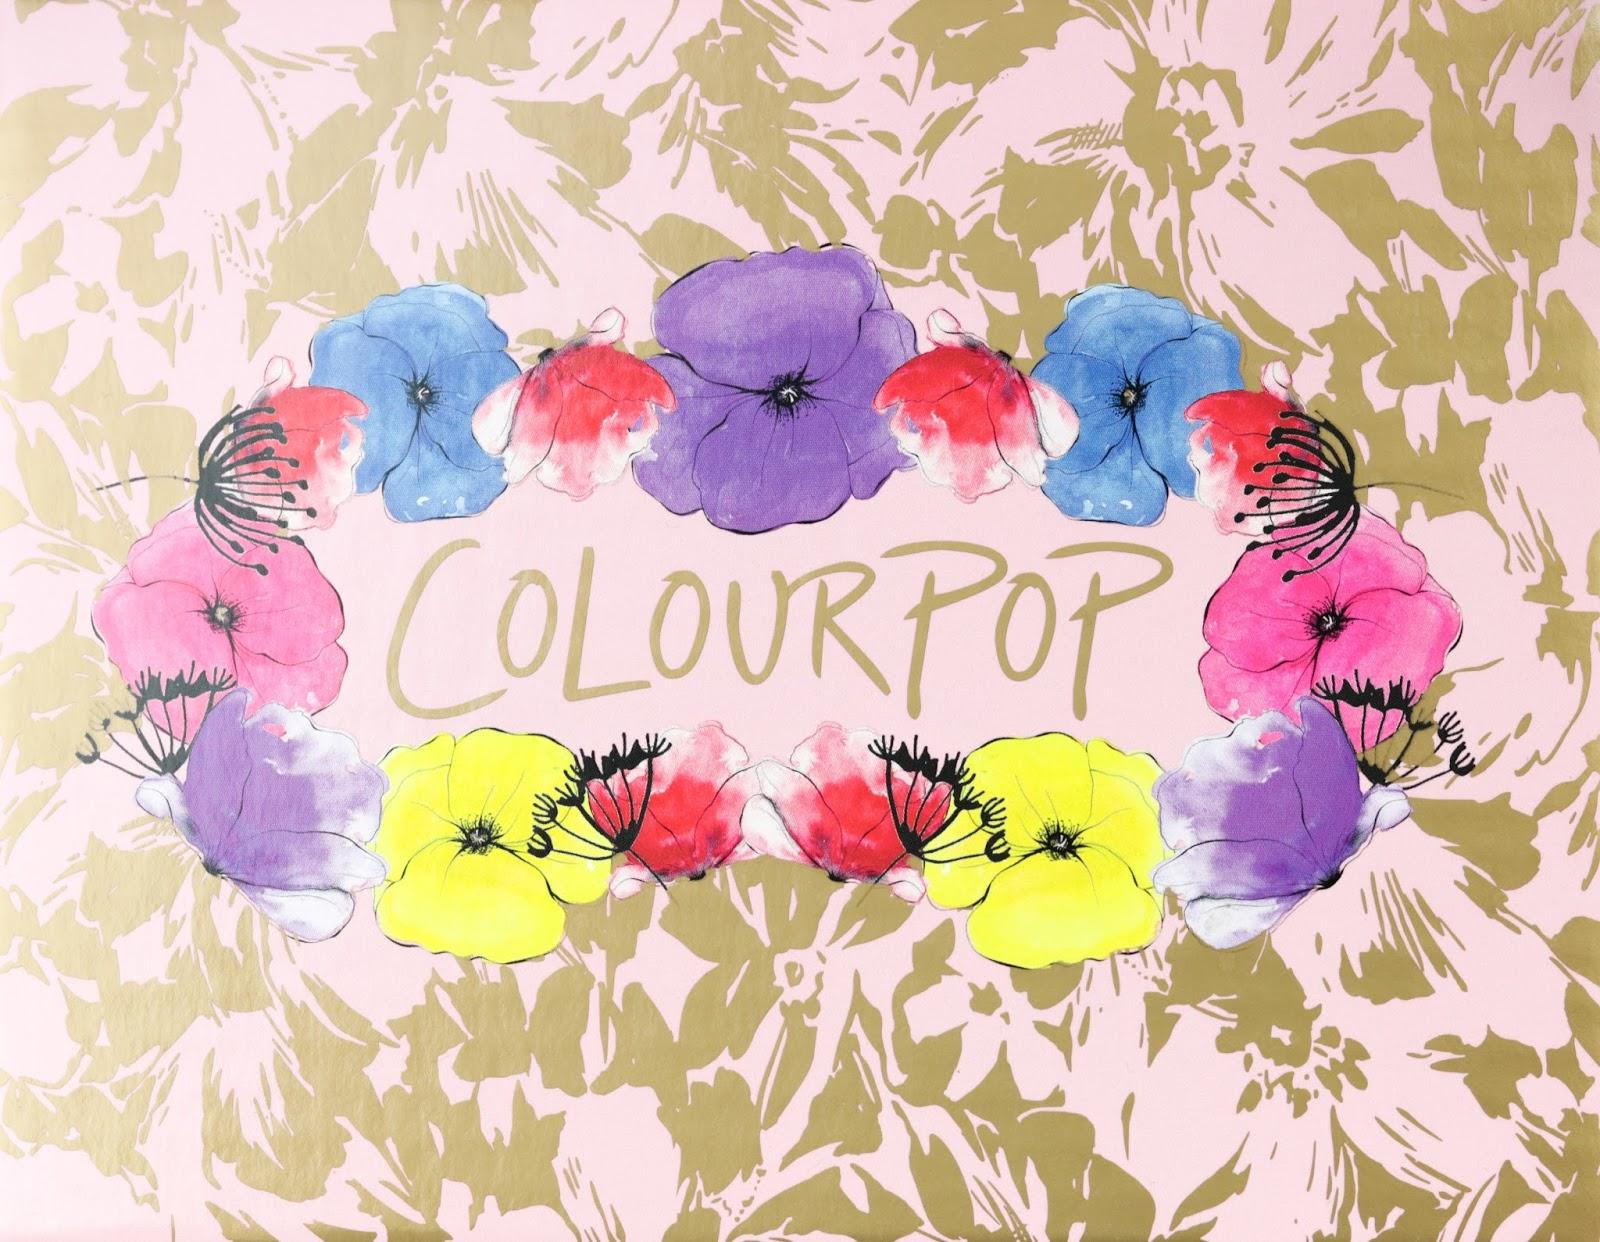 Ma première commande Shipito + Craquage chez Colourpop !!!